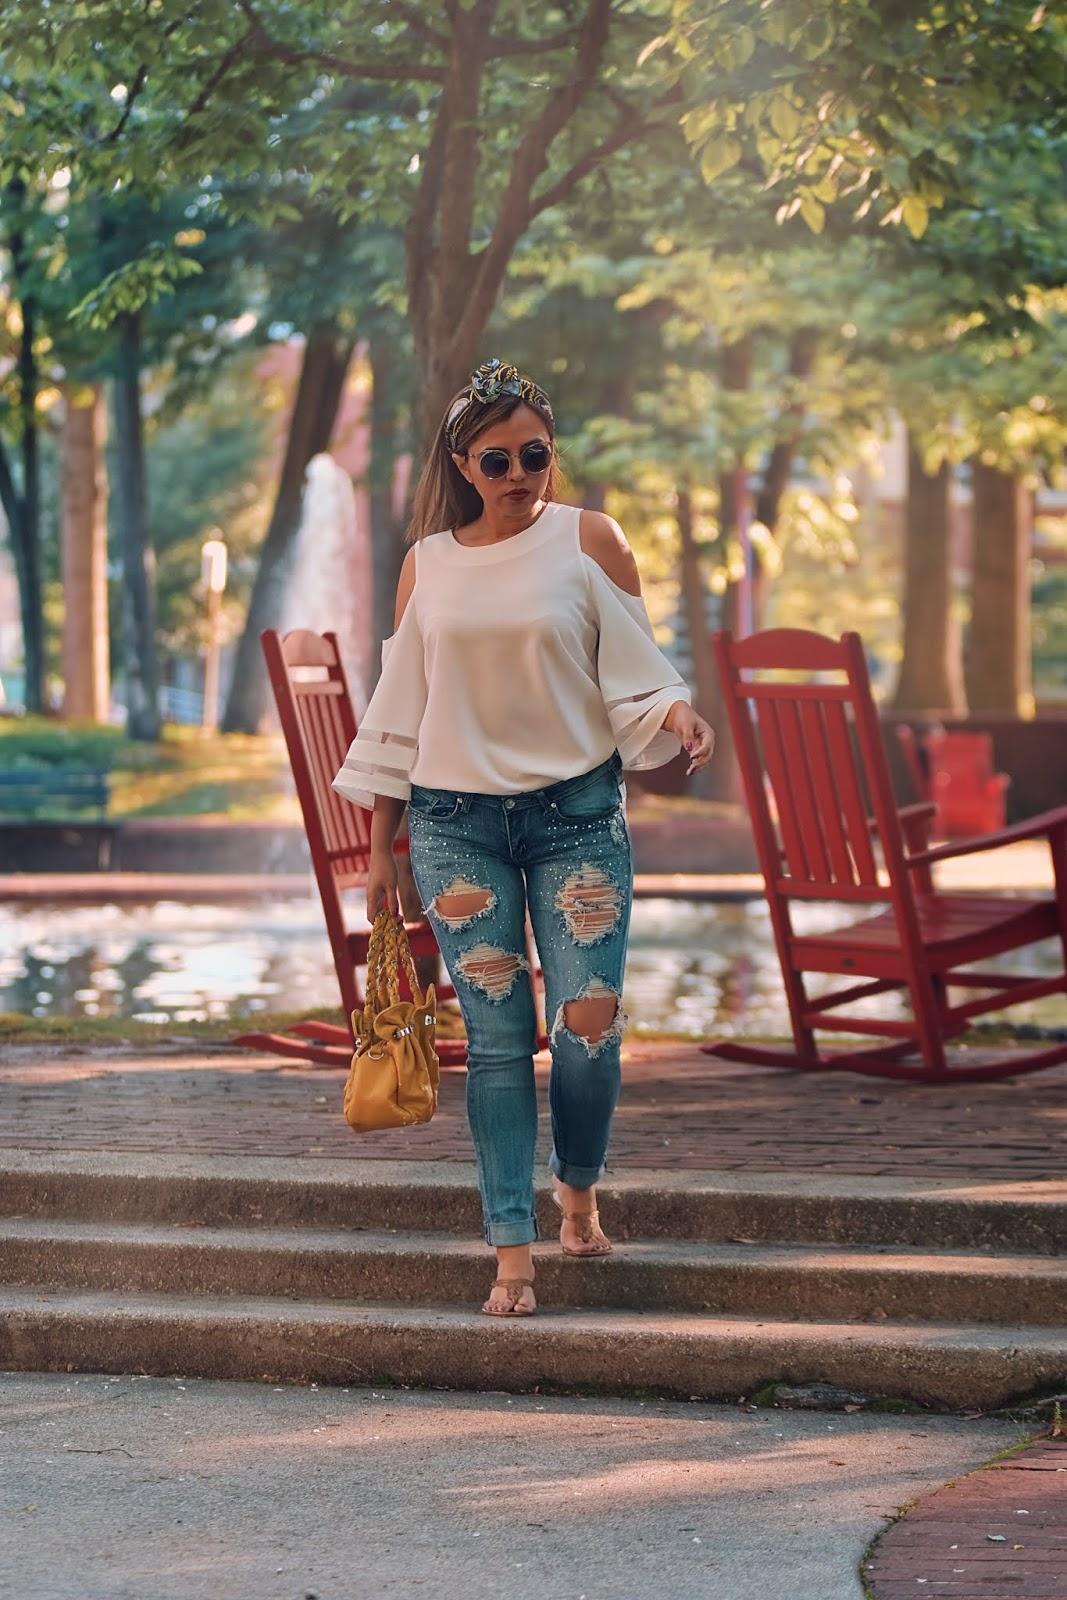 Outfit De Jeans Usando Una Blusa Blanca-mariestilo-fashionblogger-streetstyle-outfit con jeans-la camisa blanca-outfit con camisa blanca-dcblogger-jeans con perlas-pañuelos en el cabello-marisolflamenco-